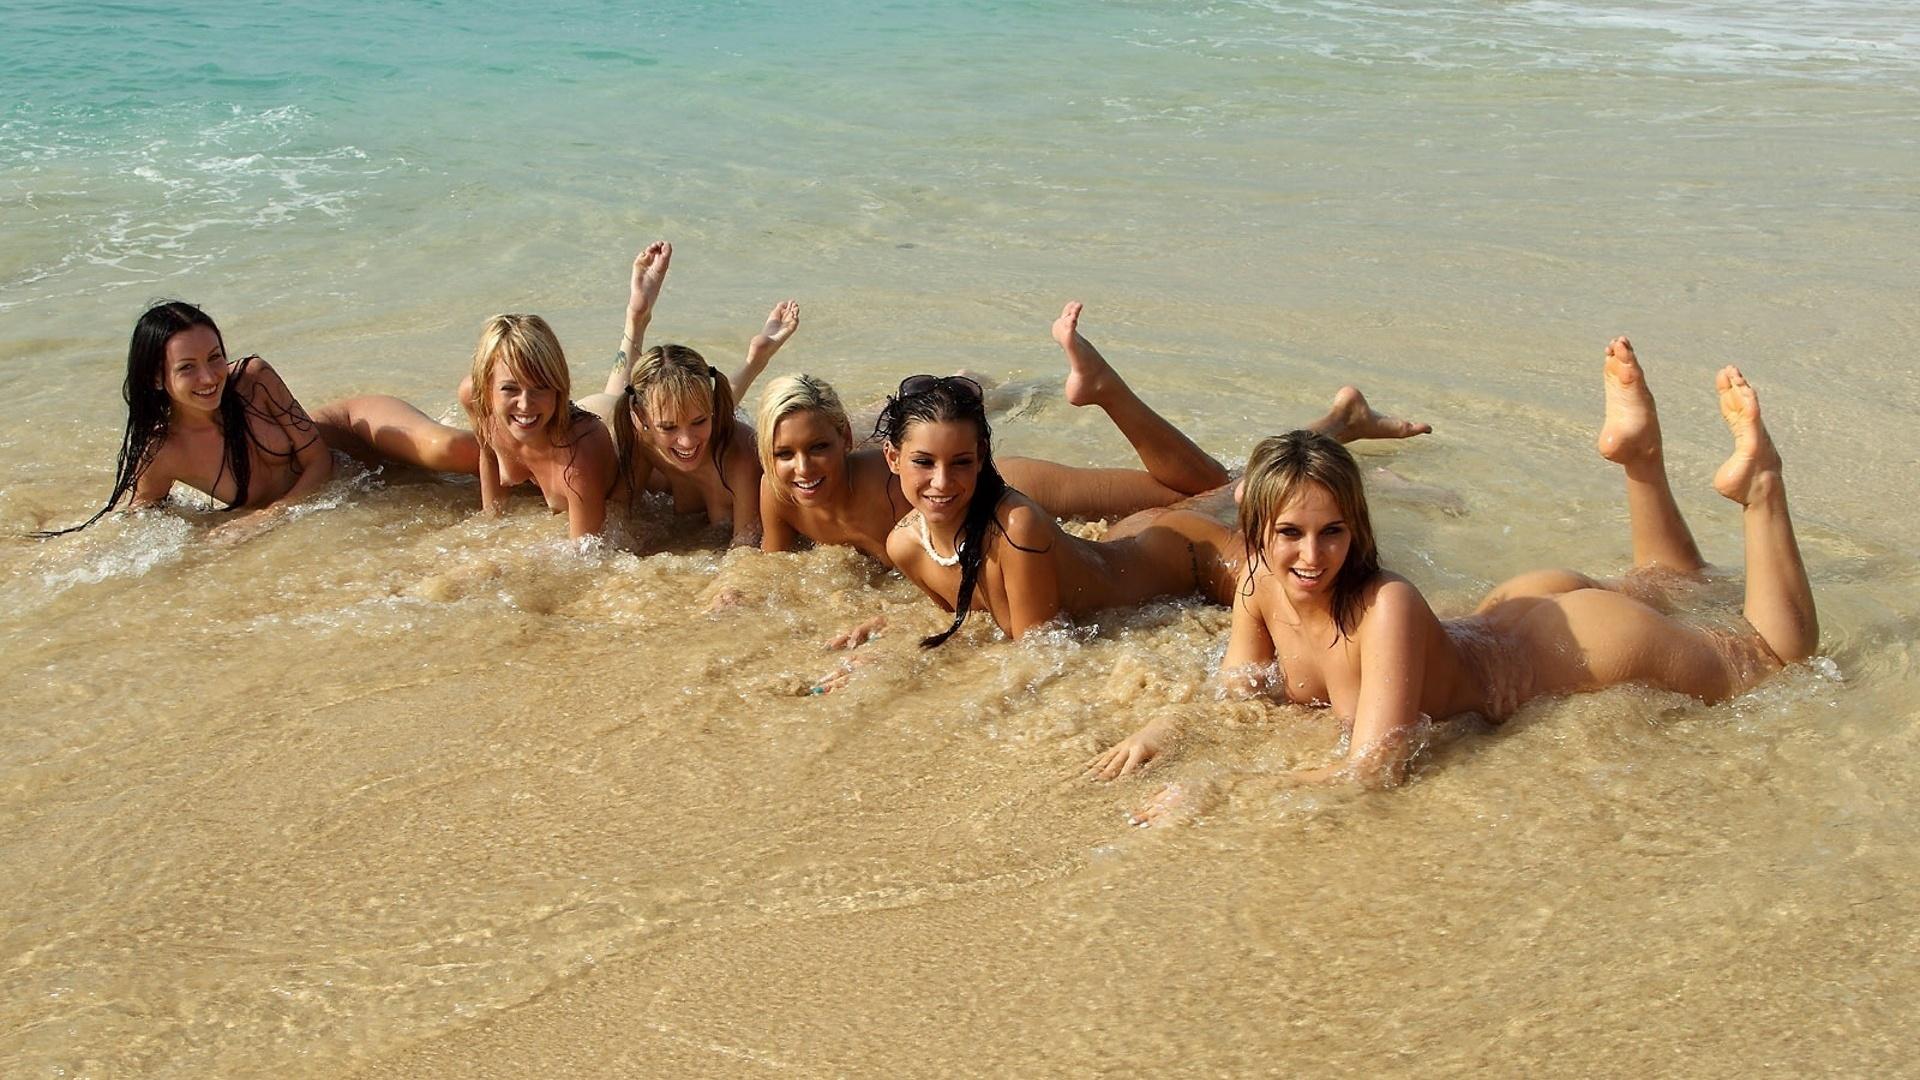 Фотки голых девчонок самары на пляжах 7 фотография